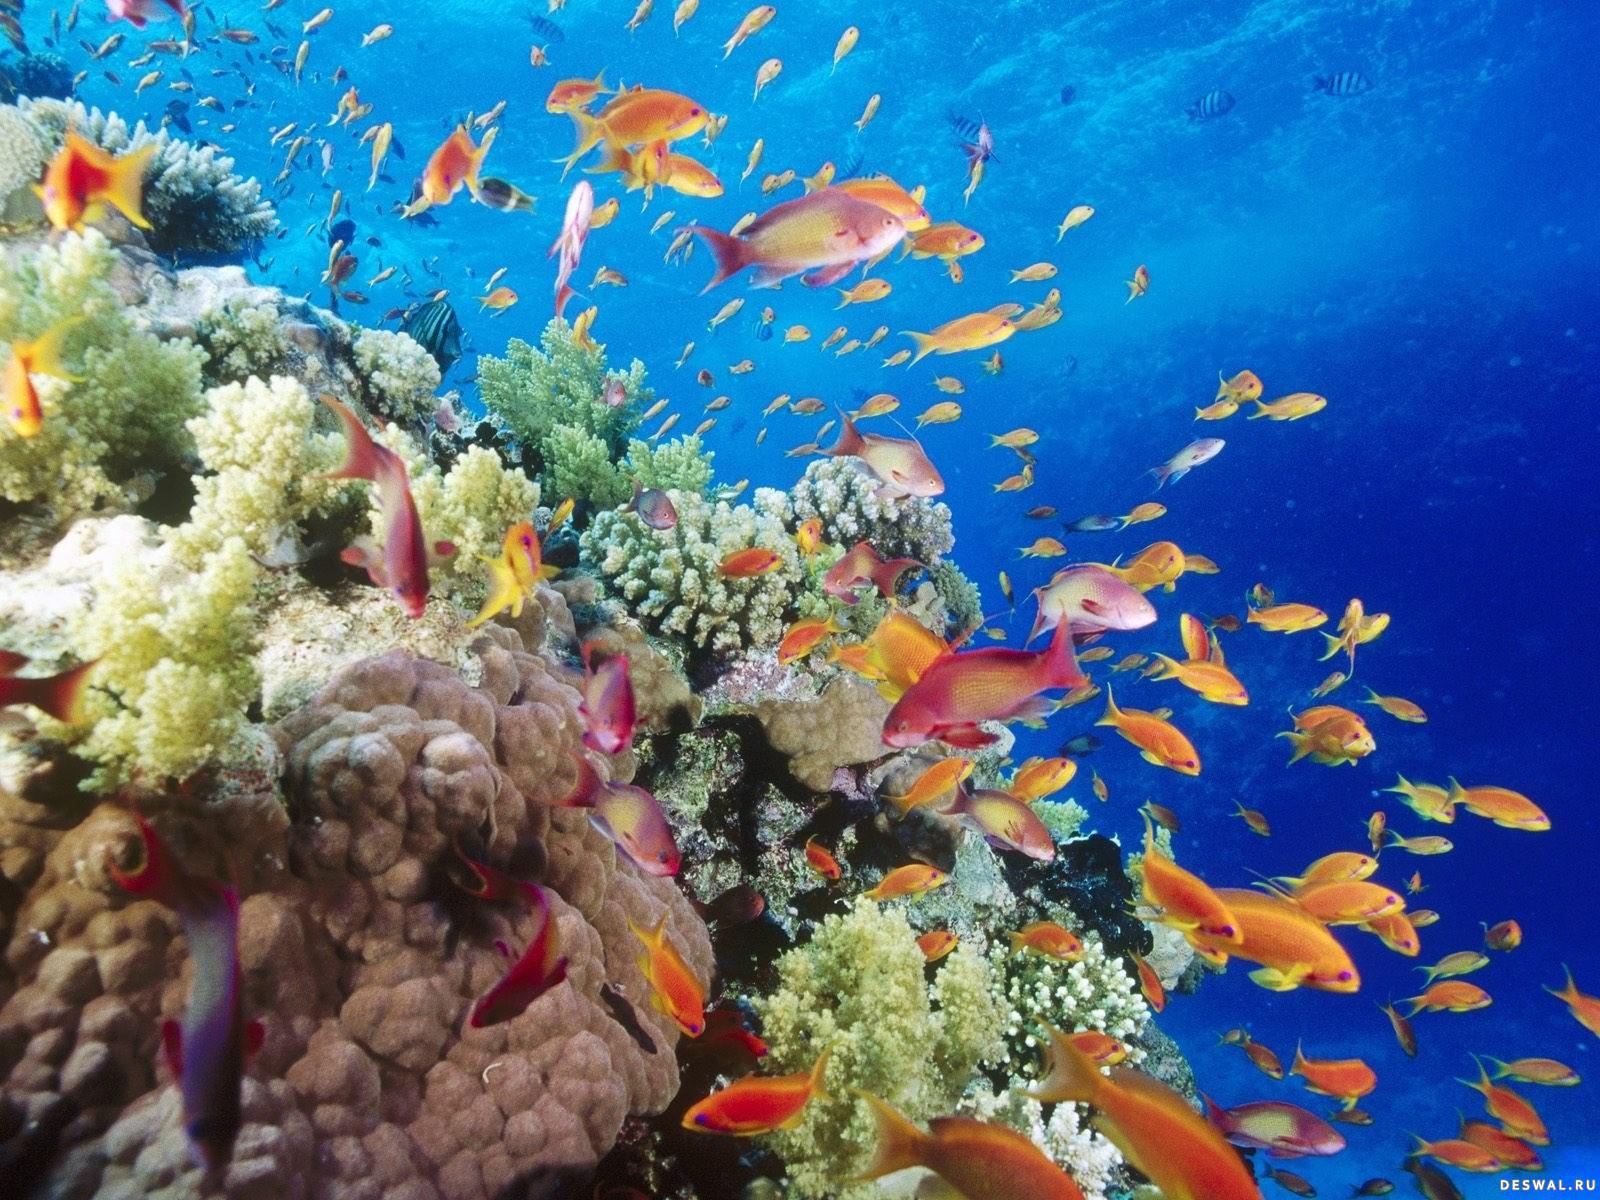 Фото 19. Нажмите на картинку с обоями подводного мира, чтобы просмотреть ее в реальном размере